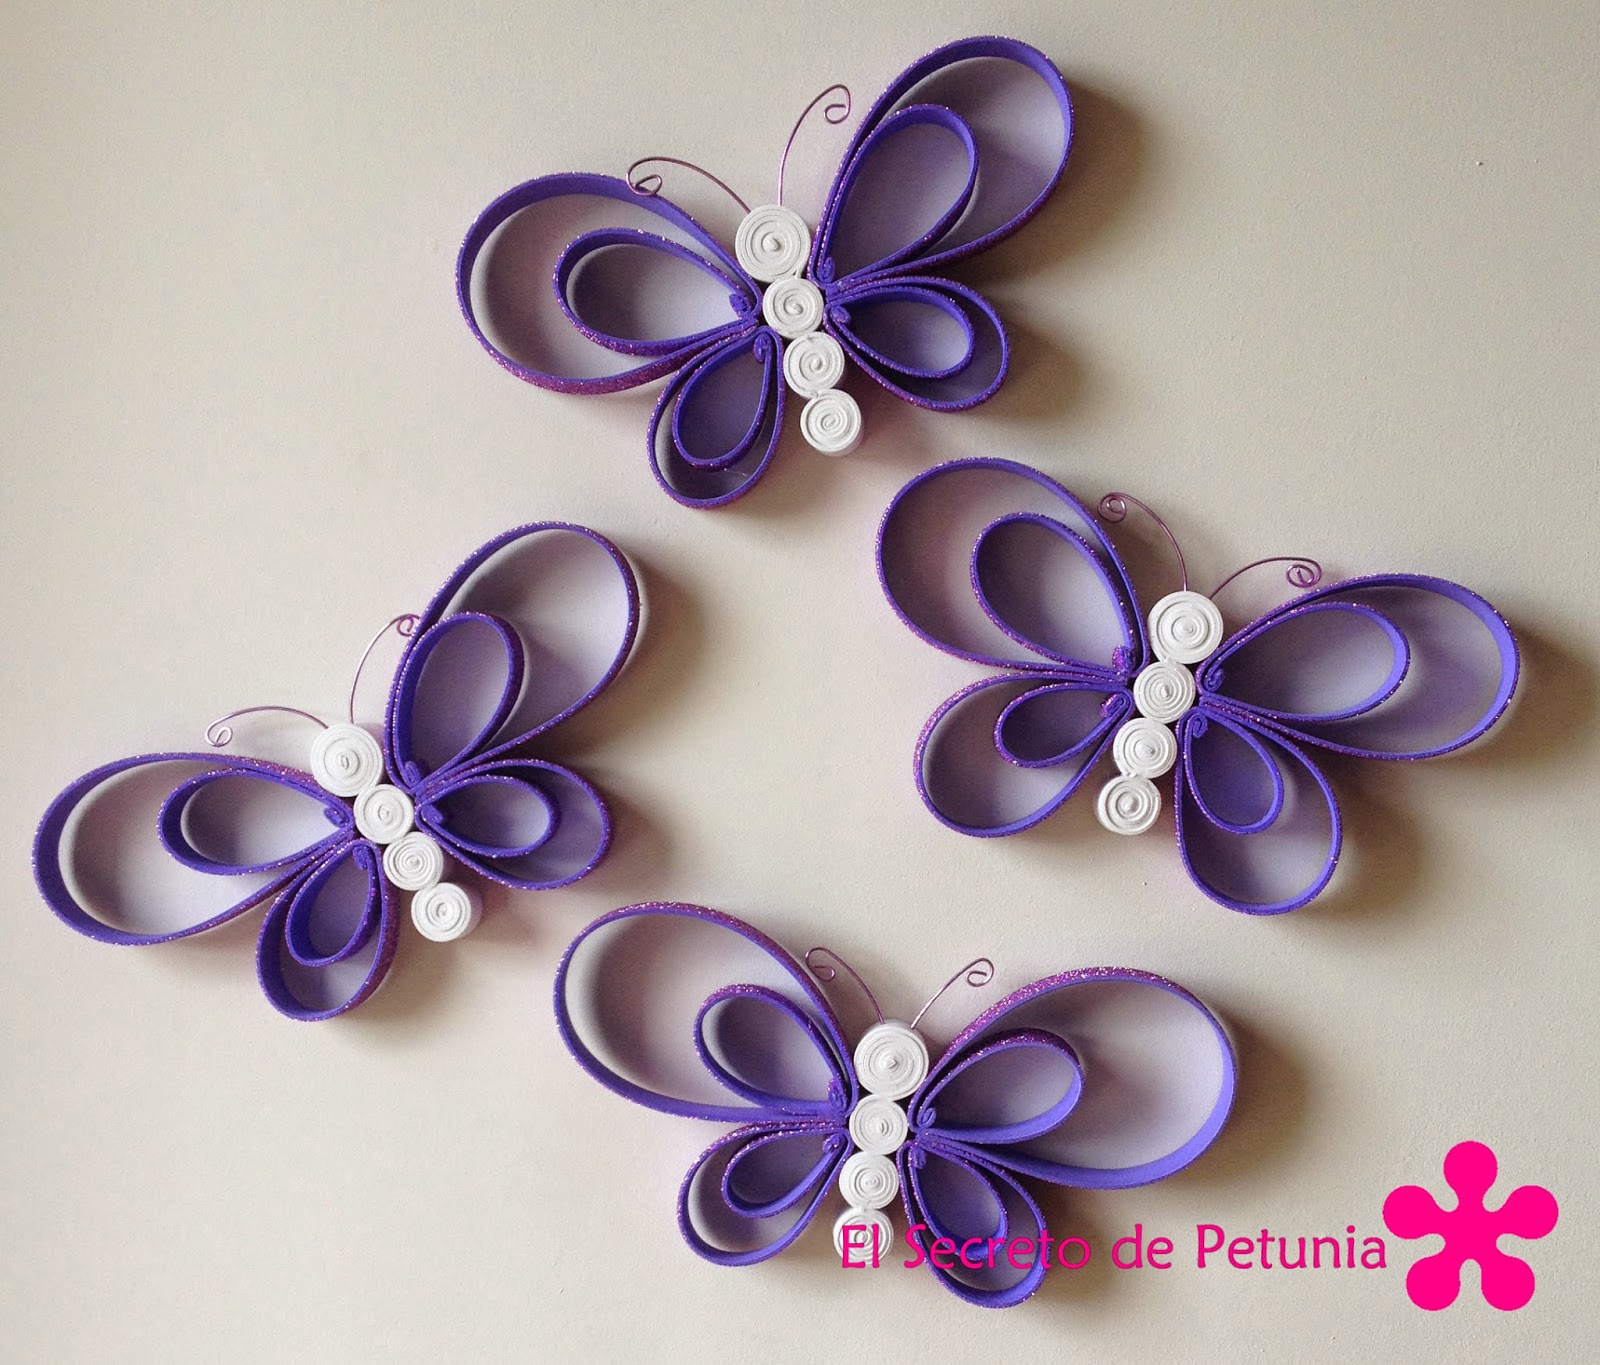 Mariposas de goma eva el secreto de petunia - Como hacer mariposas de papel para decorar paredes ...